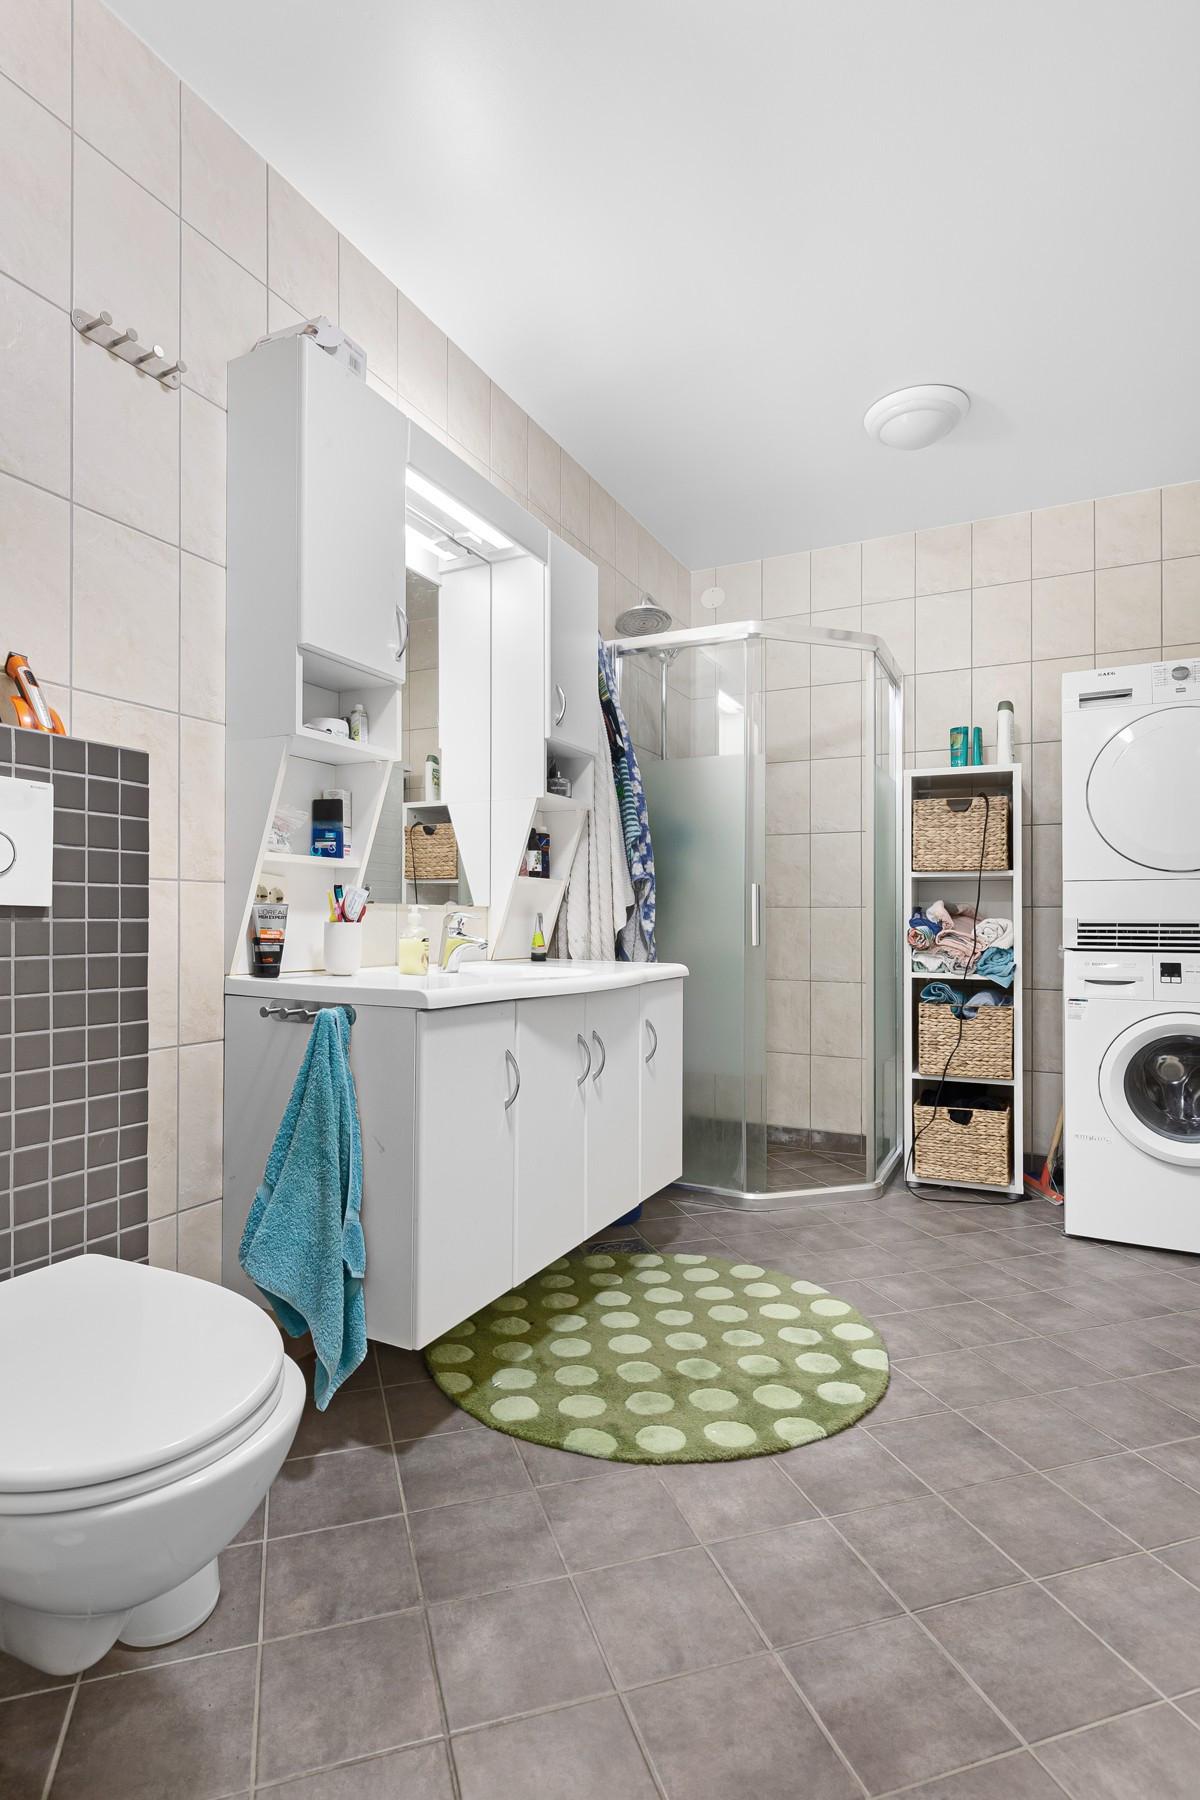 Komplett flislagt med opplegg til vaskemaskin/tørketrommel